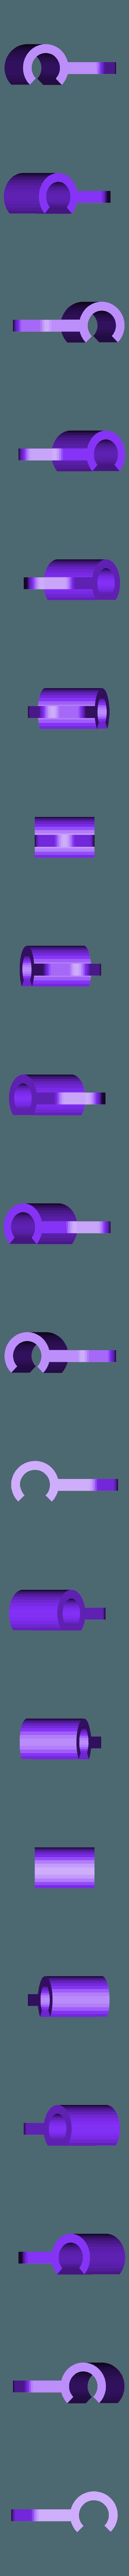 kossel_rod_spring_clip_long_v2.stl Télécharger fichier STL gratuit Pinces à ressort Kossel pour tiges de 5 mm • Modèle imprimable en 3D, peaberry